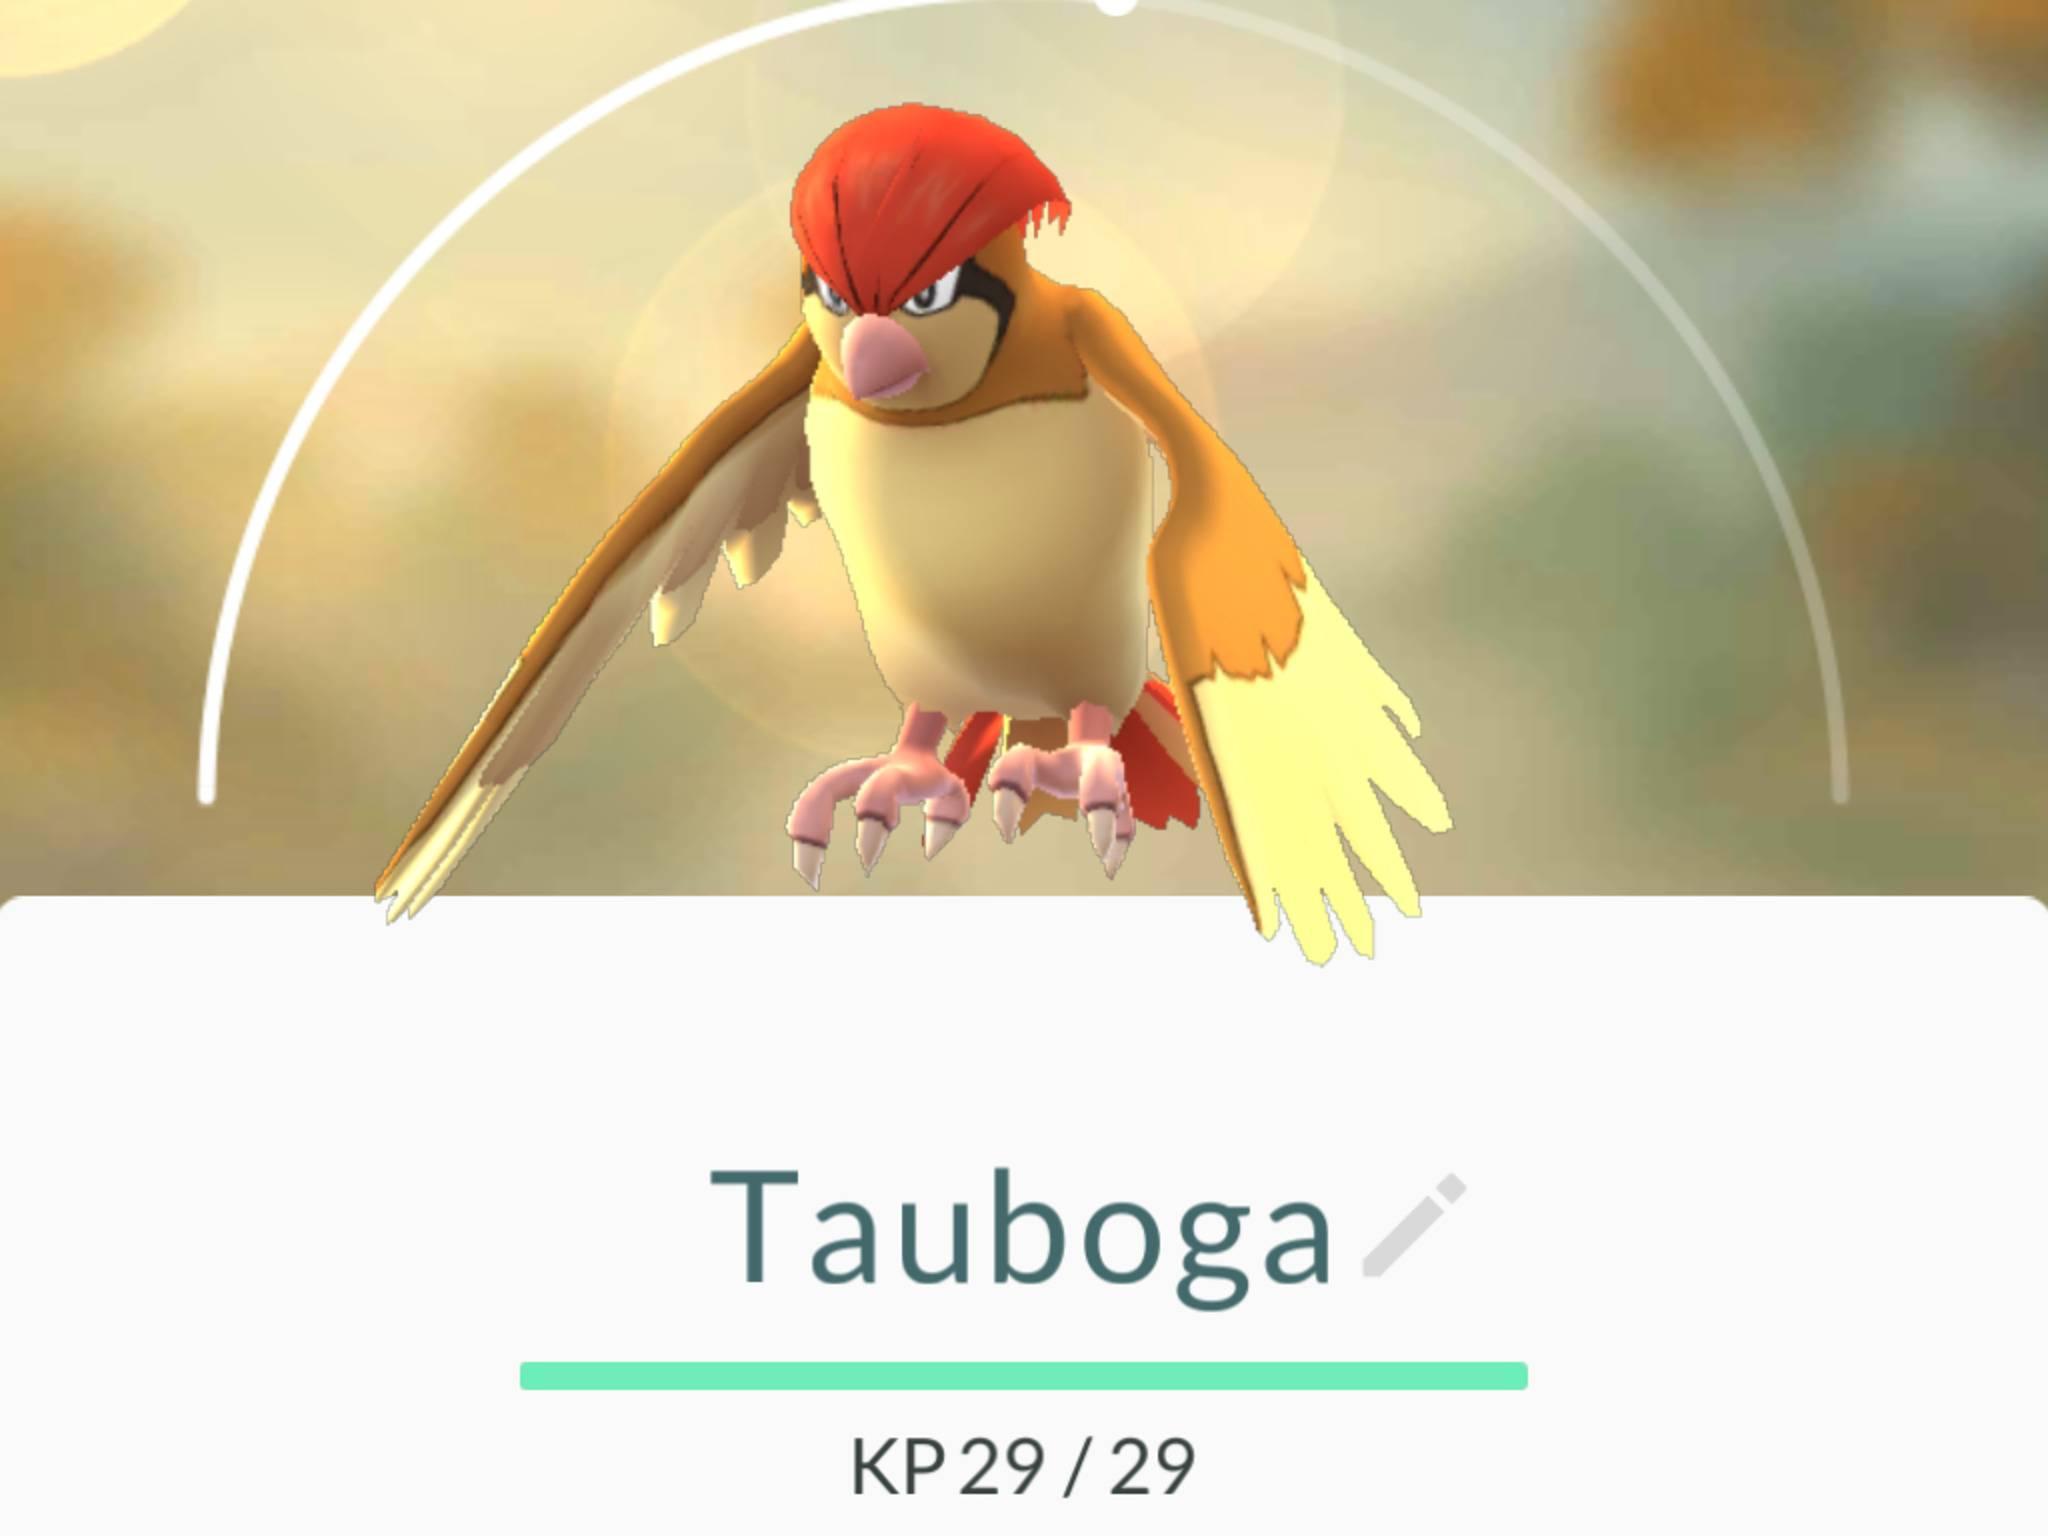 Nach dem ersten Entwicklungssprung wird aus Taubsi das Tauboga.